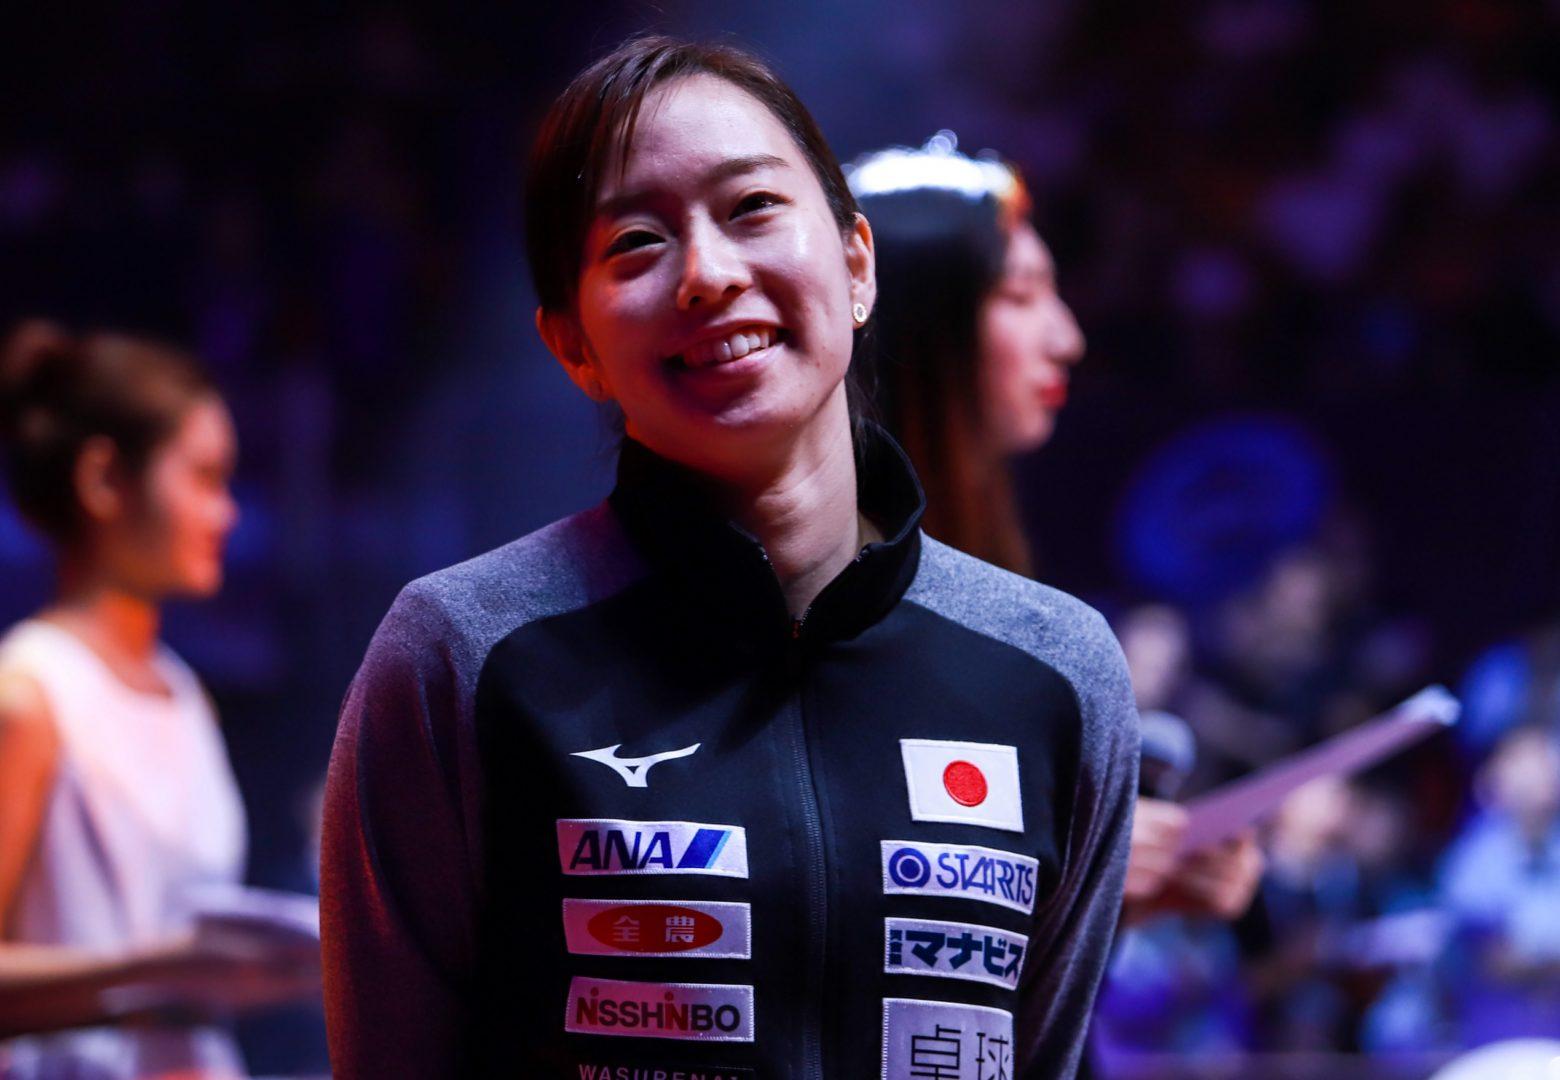 石川佳純、インスタグラム開設 初投稿にファンも「可愛すぎます大好きです」